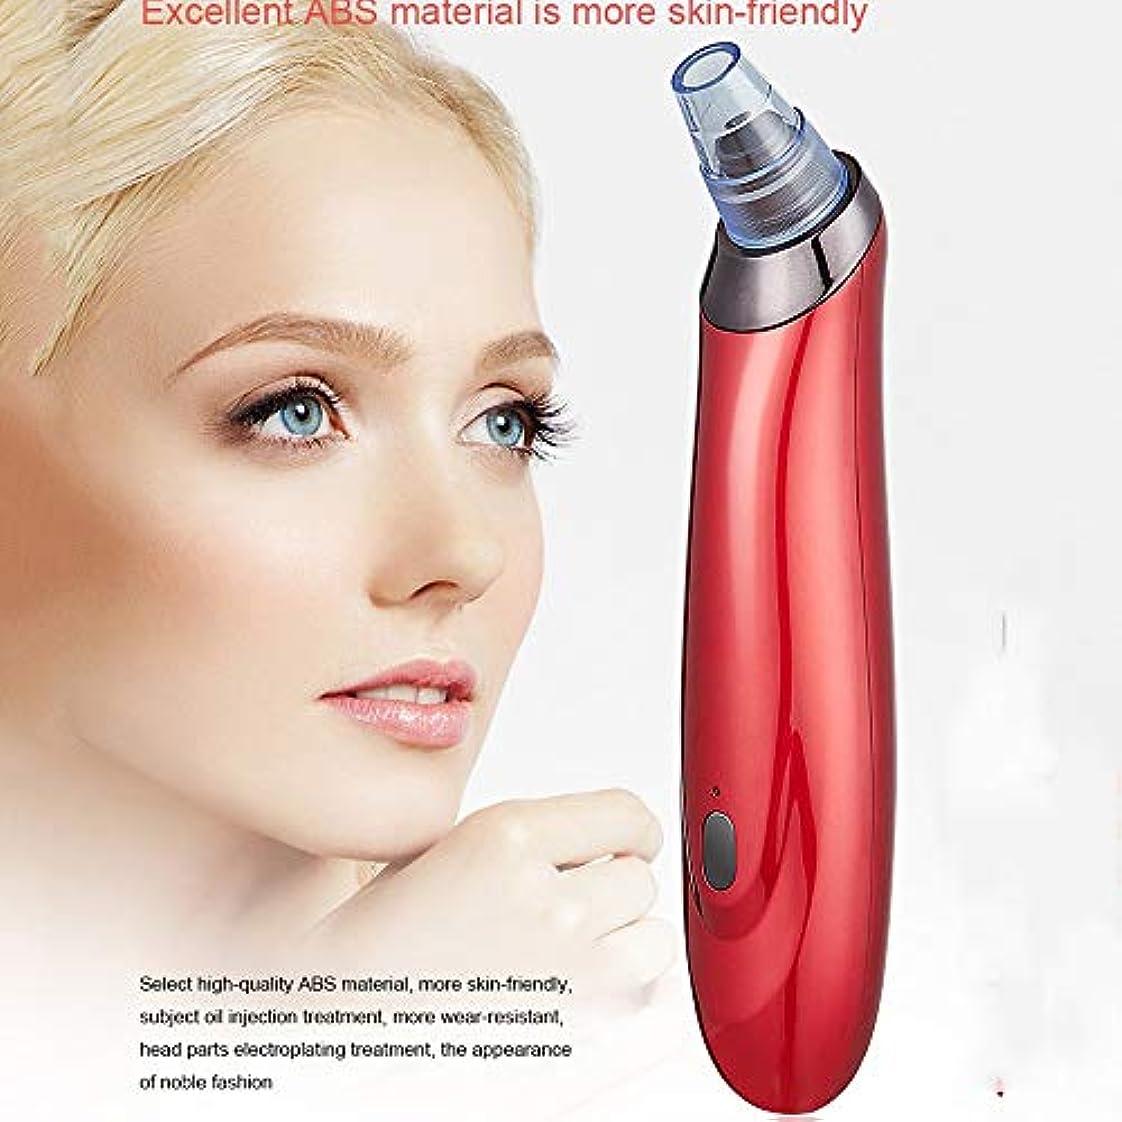 5つの取り替え可能なヘッドが付いているにきび掃除機きれいなにきびにきびの毛穴きれいにして、皮膚クリーナーを傷つけないために適した充電式3つの調節可能な強さ